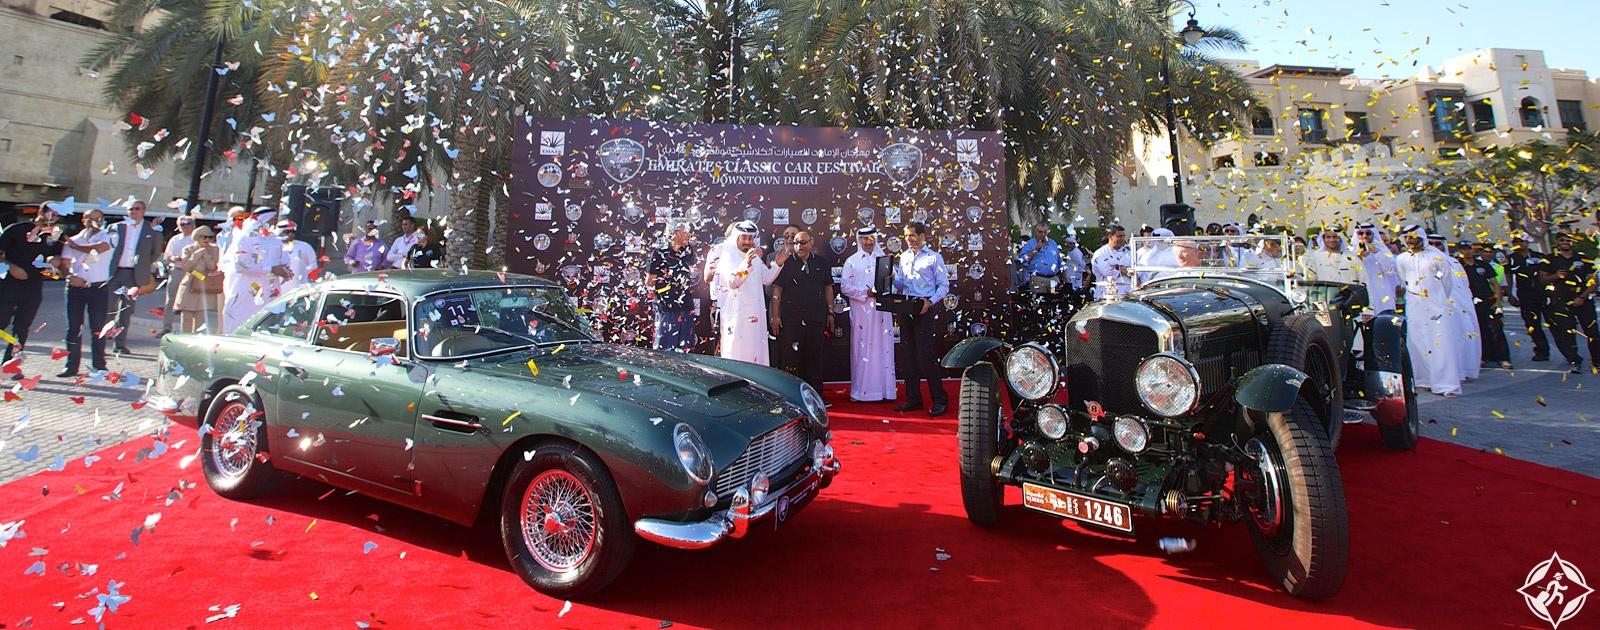 مهرجان الإمارات السيارات الكلاسيكية